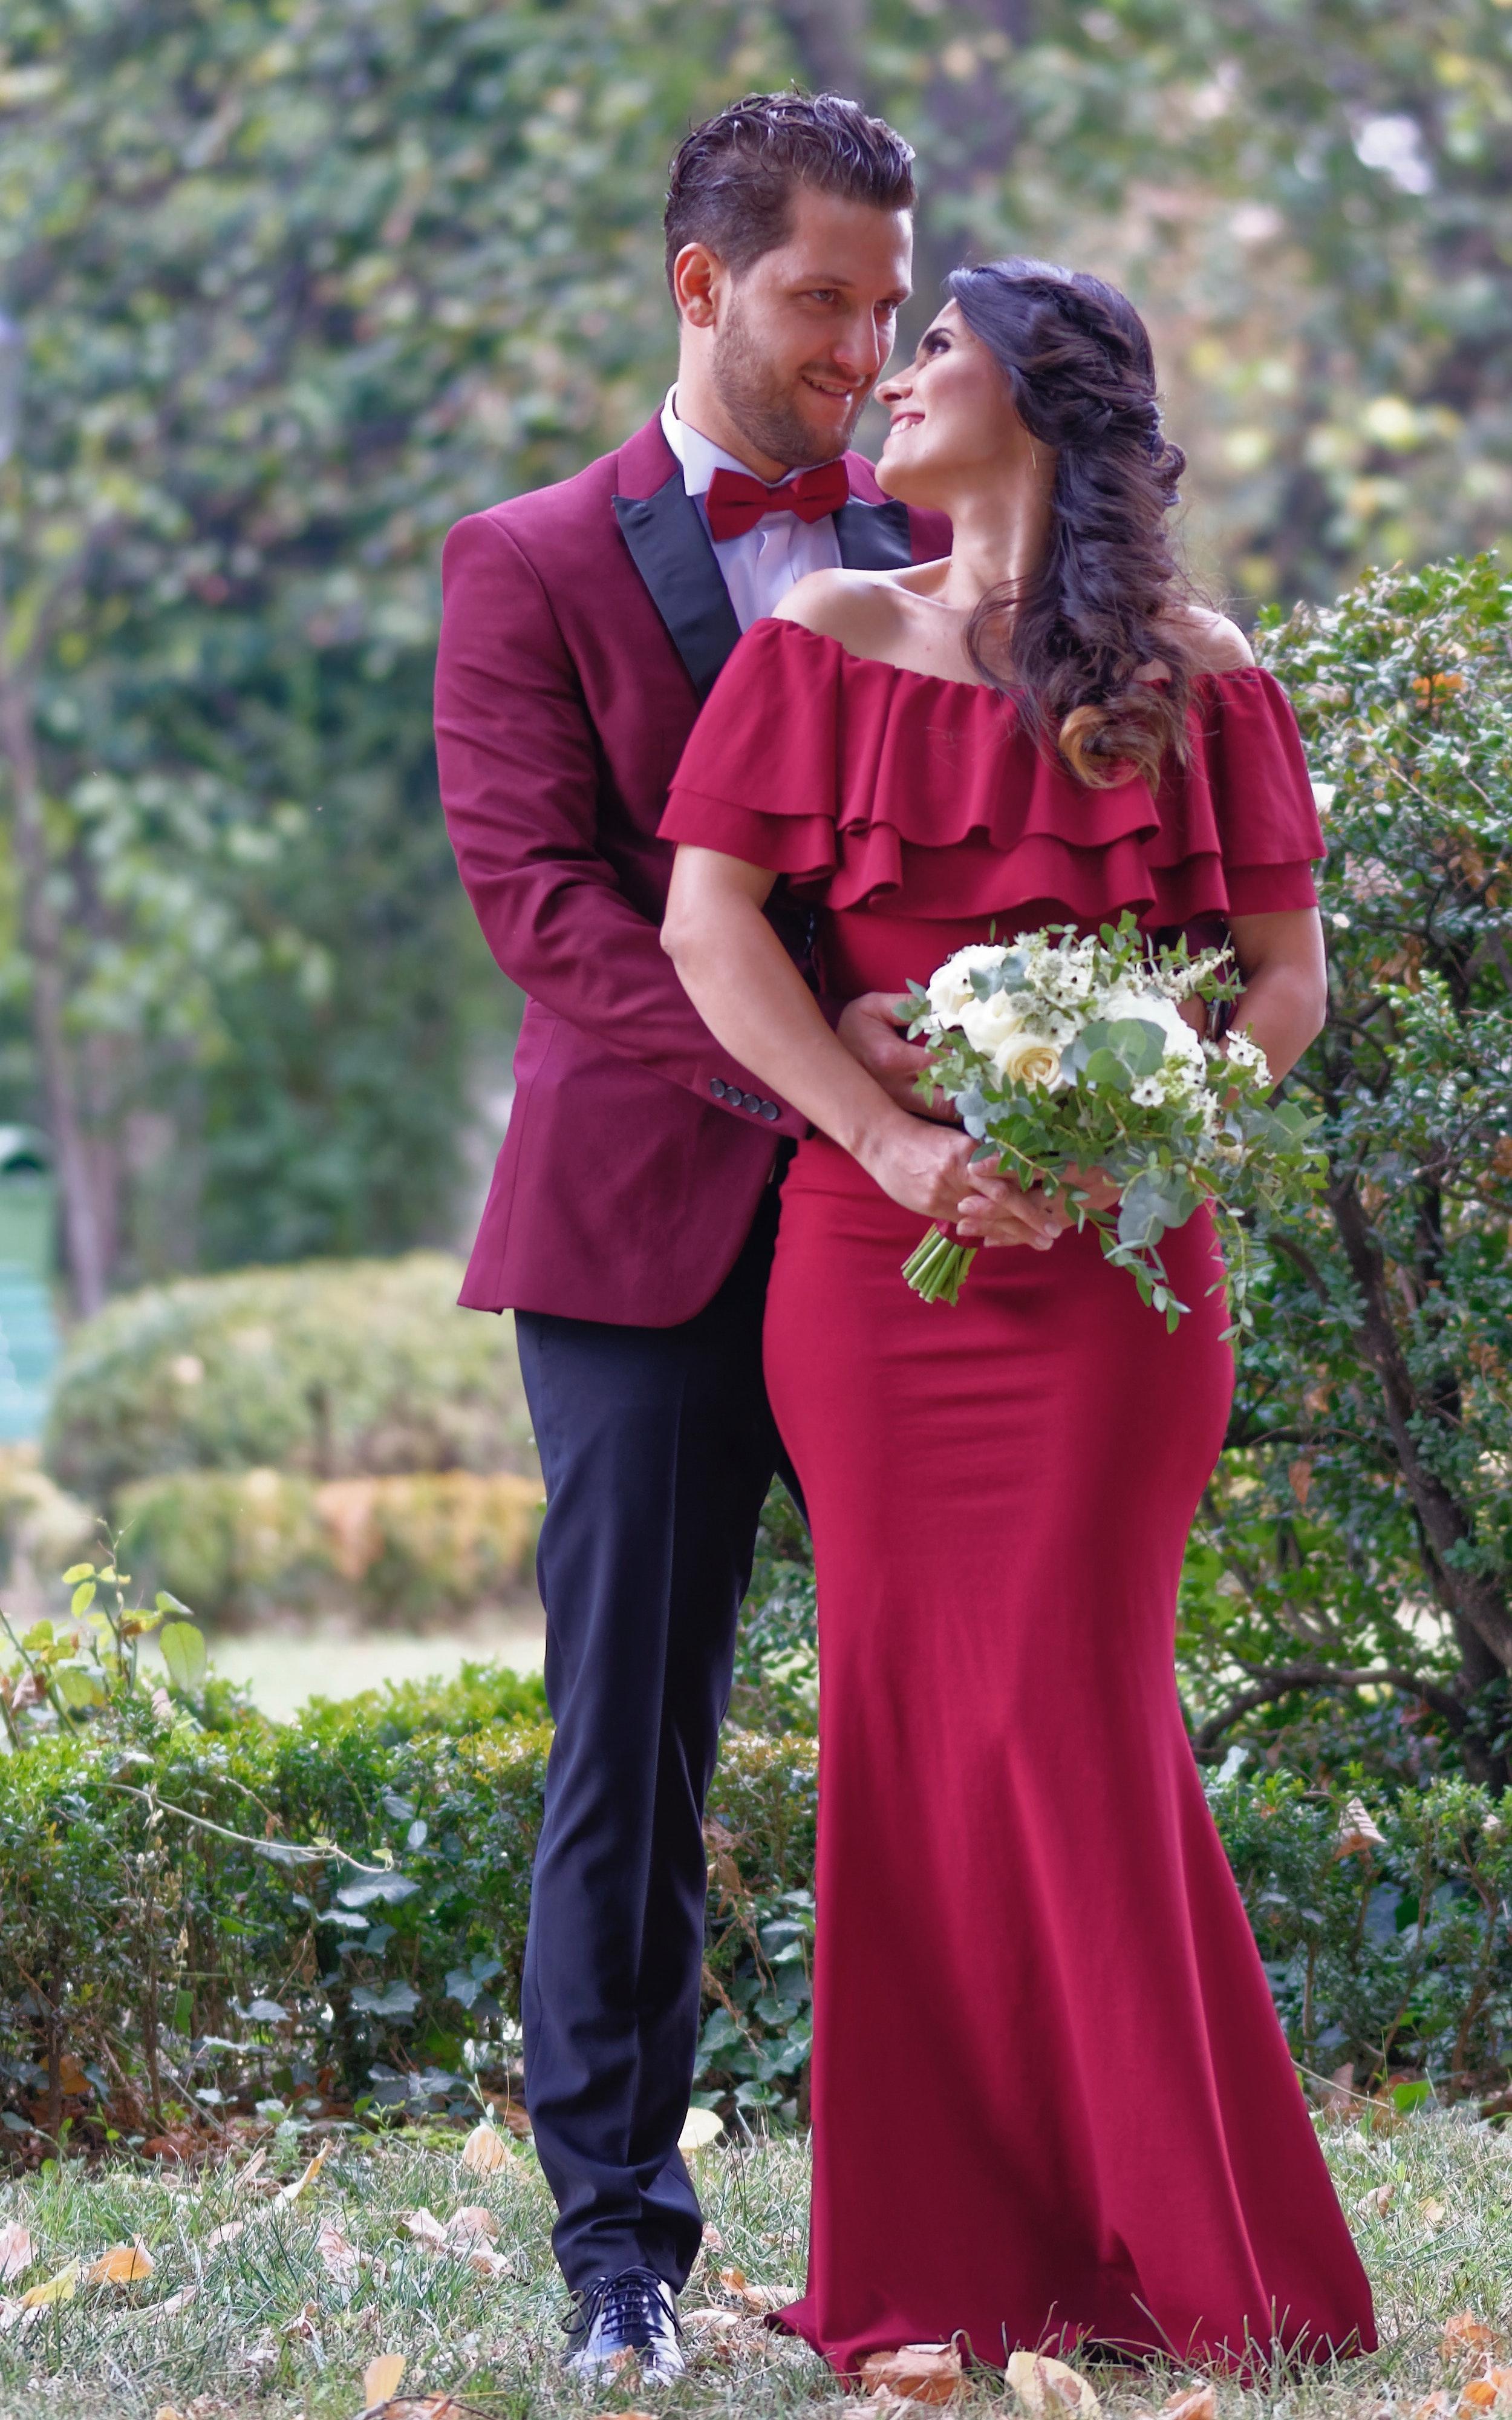 Mariages - Des forfaits mariage pour rendre votre journée magique mémorable.